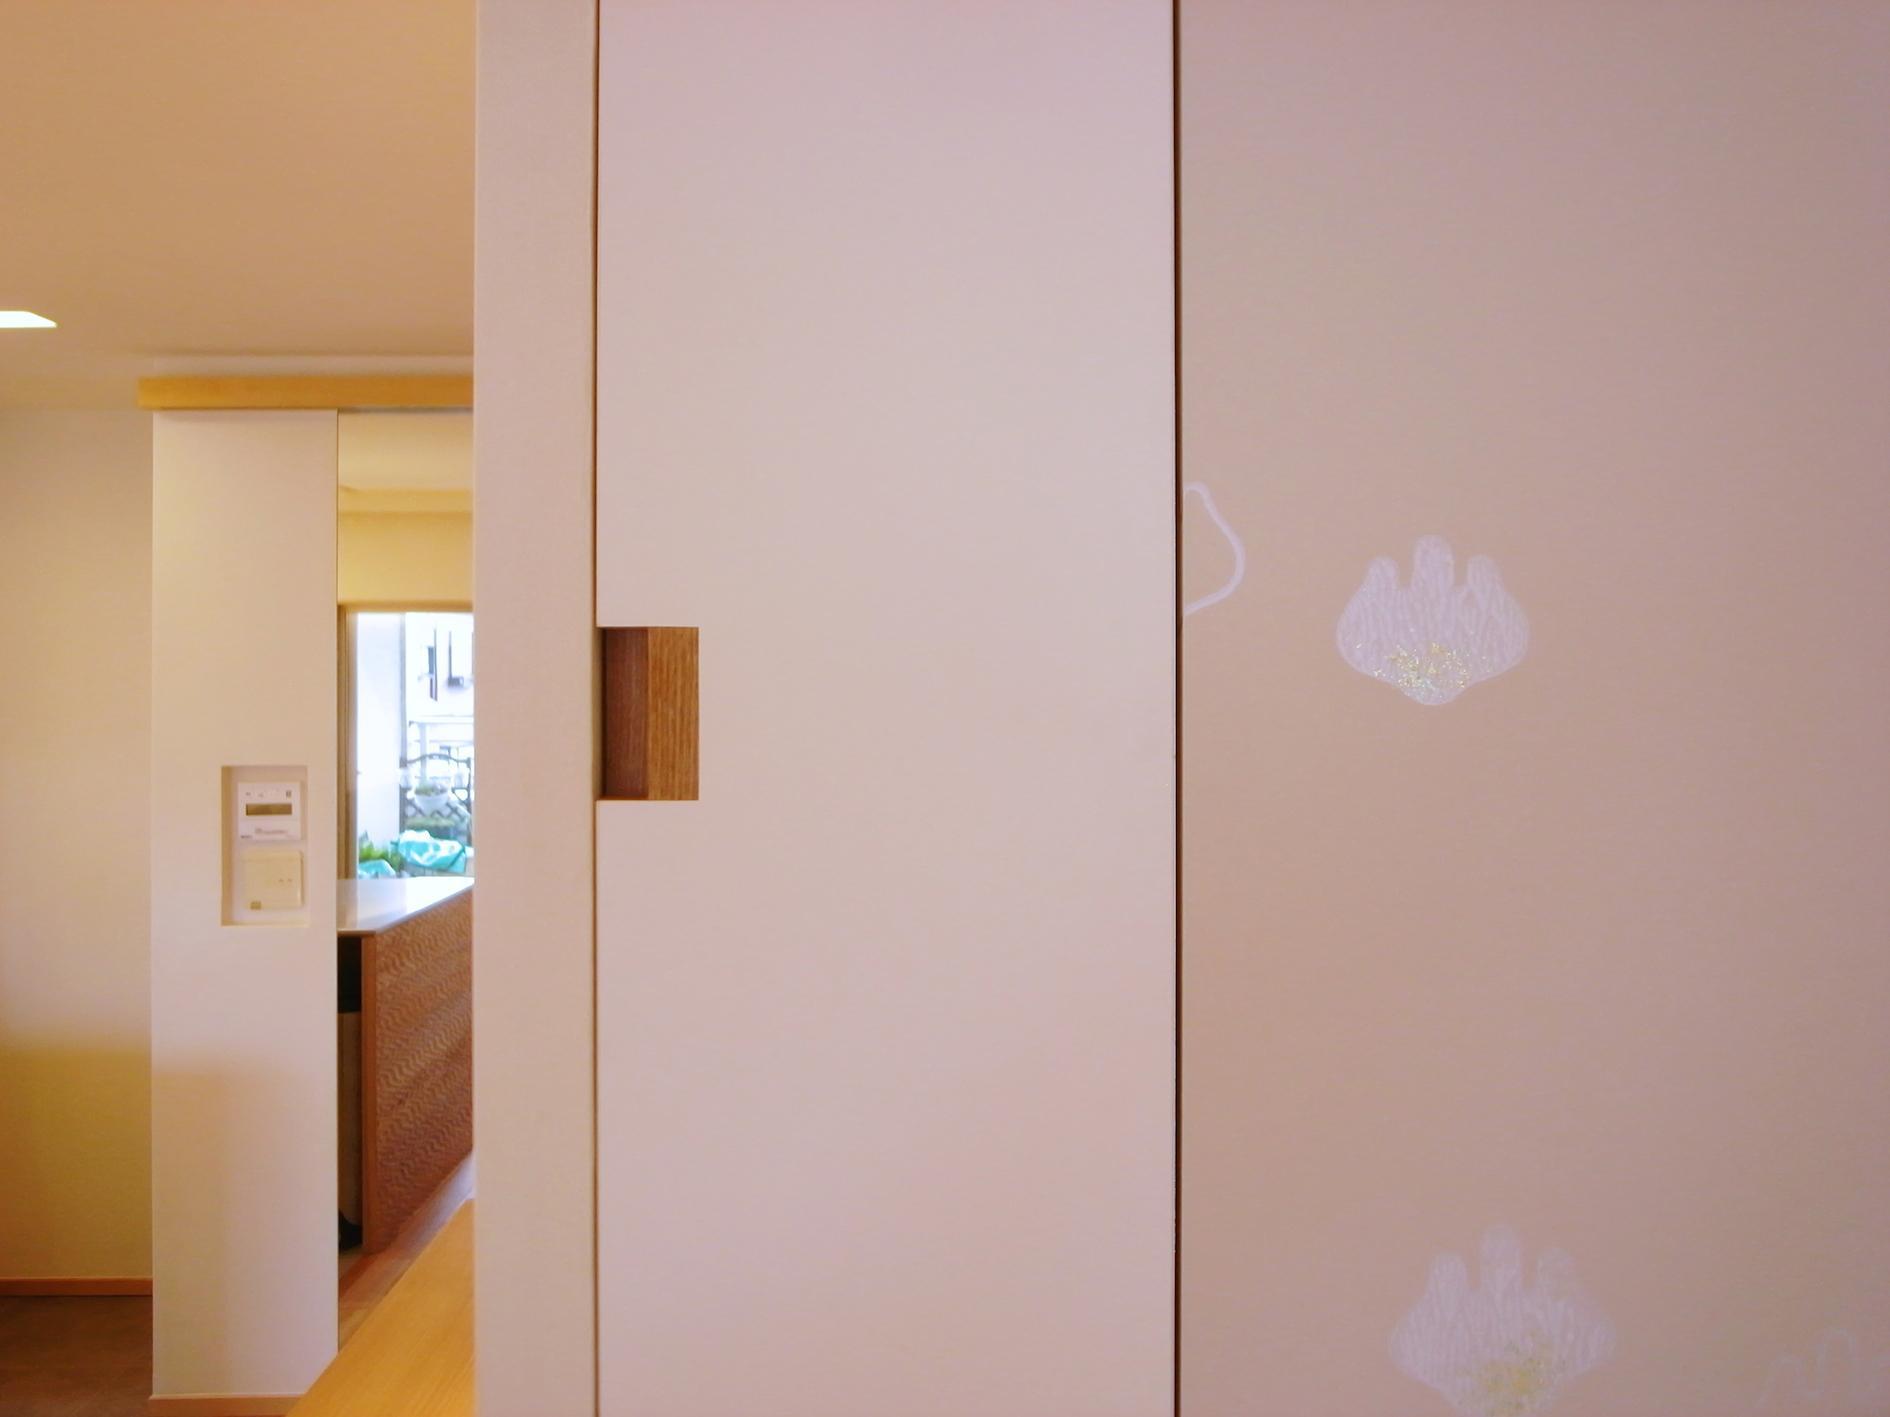 Oさんの大好きなものが集まる大切な場所の部屋 太鼓張りの襖